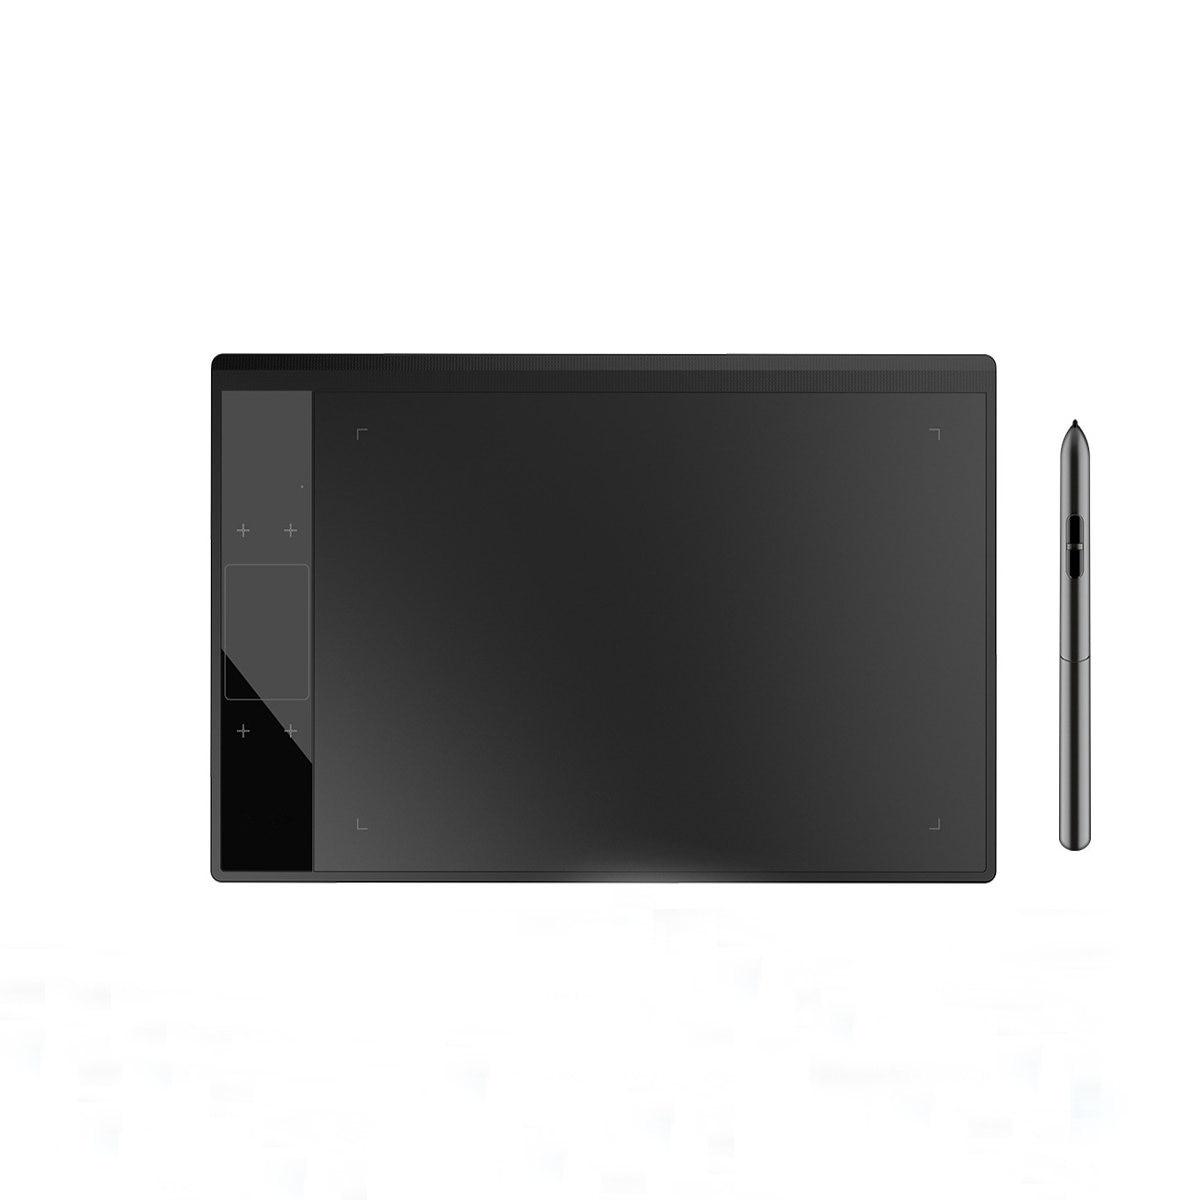 A30 graphique tablette numérique Pad de dessin pour illustrateur 10x6 pouces grande zone Active pour les artistes avec 8192 niveaux stylo passif